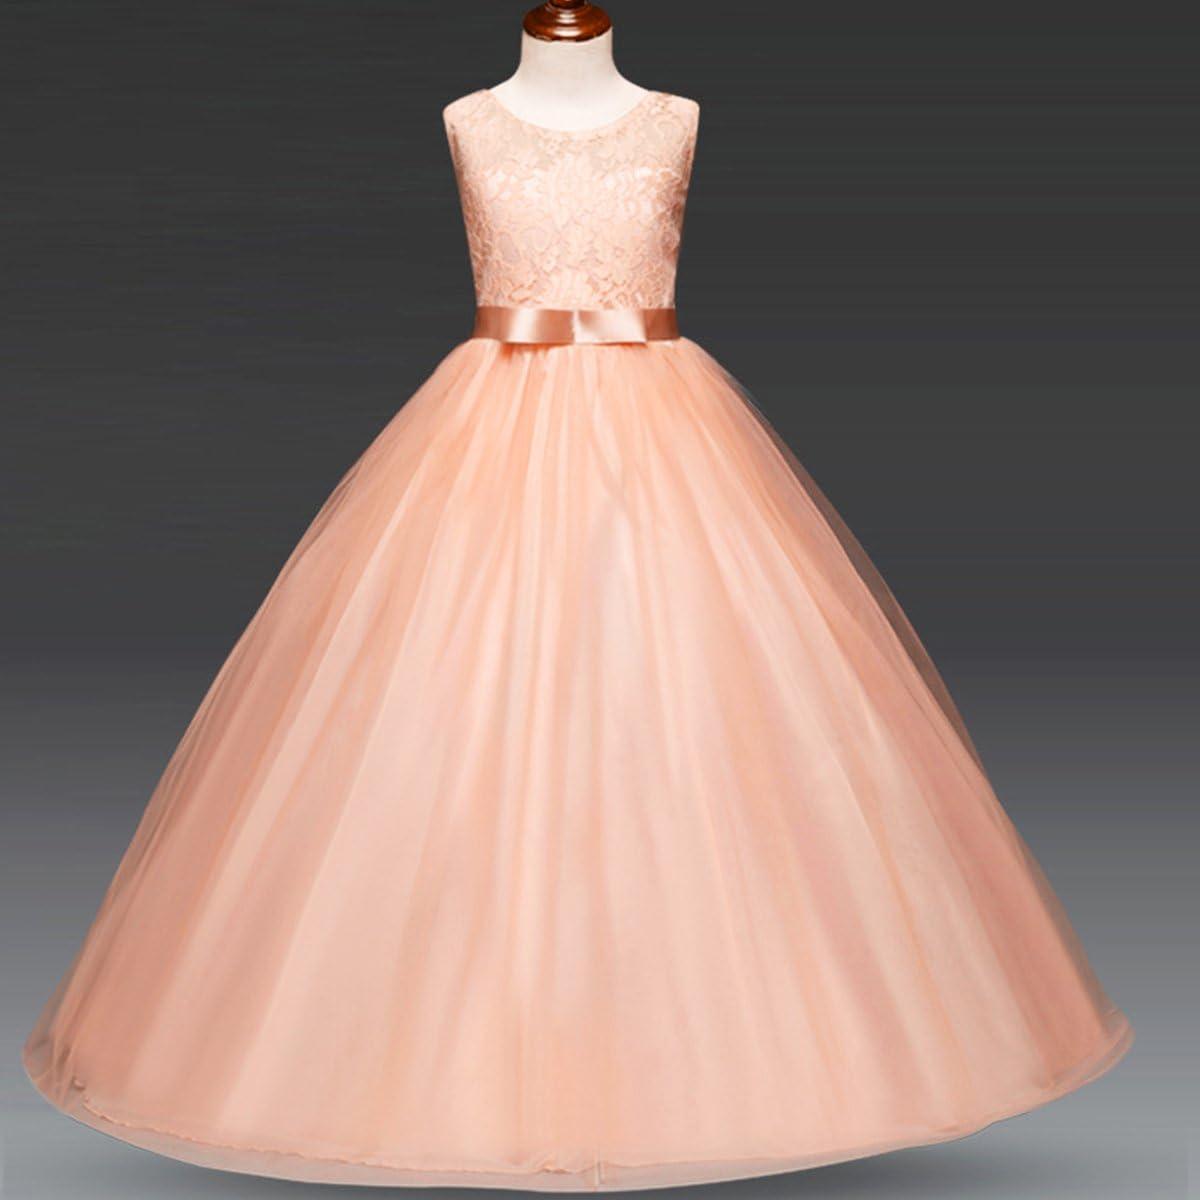 IMEKIS Vestito Elegante da Ragazza Festa Matrimonio Damigella Principessa Senza Maniche Pizzo Tulle Sere Abiti Compleanno Battesimo Cerimonia Lunga Abito da Ballo 4-13 Anni